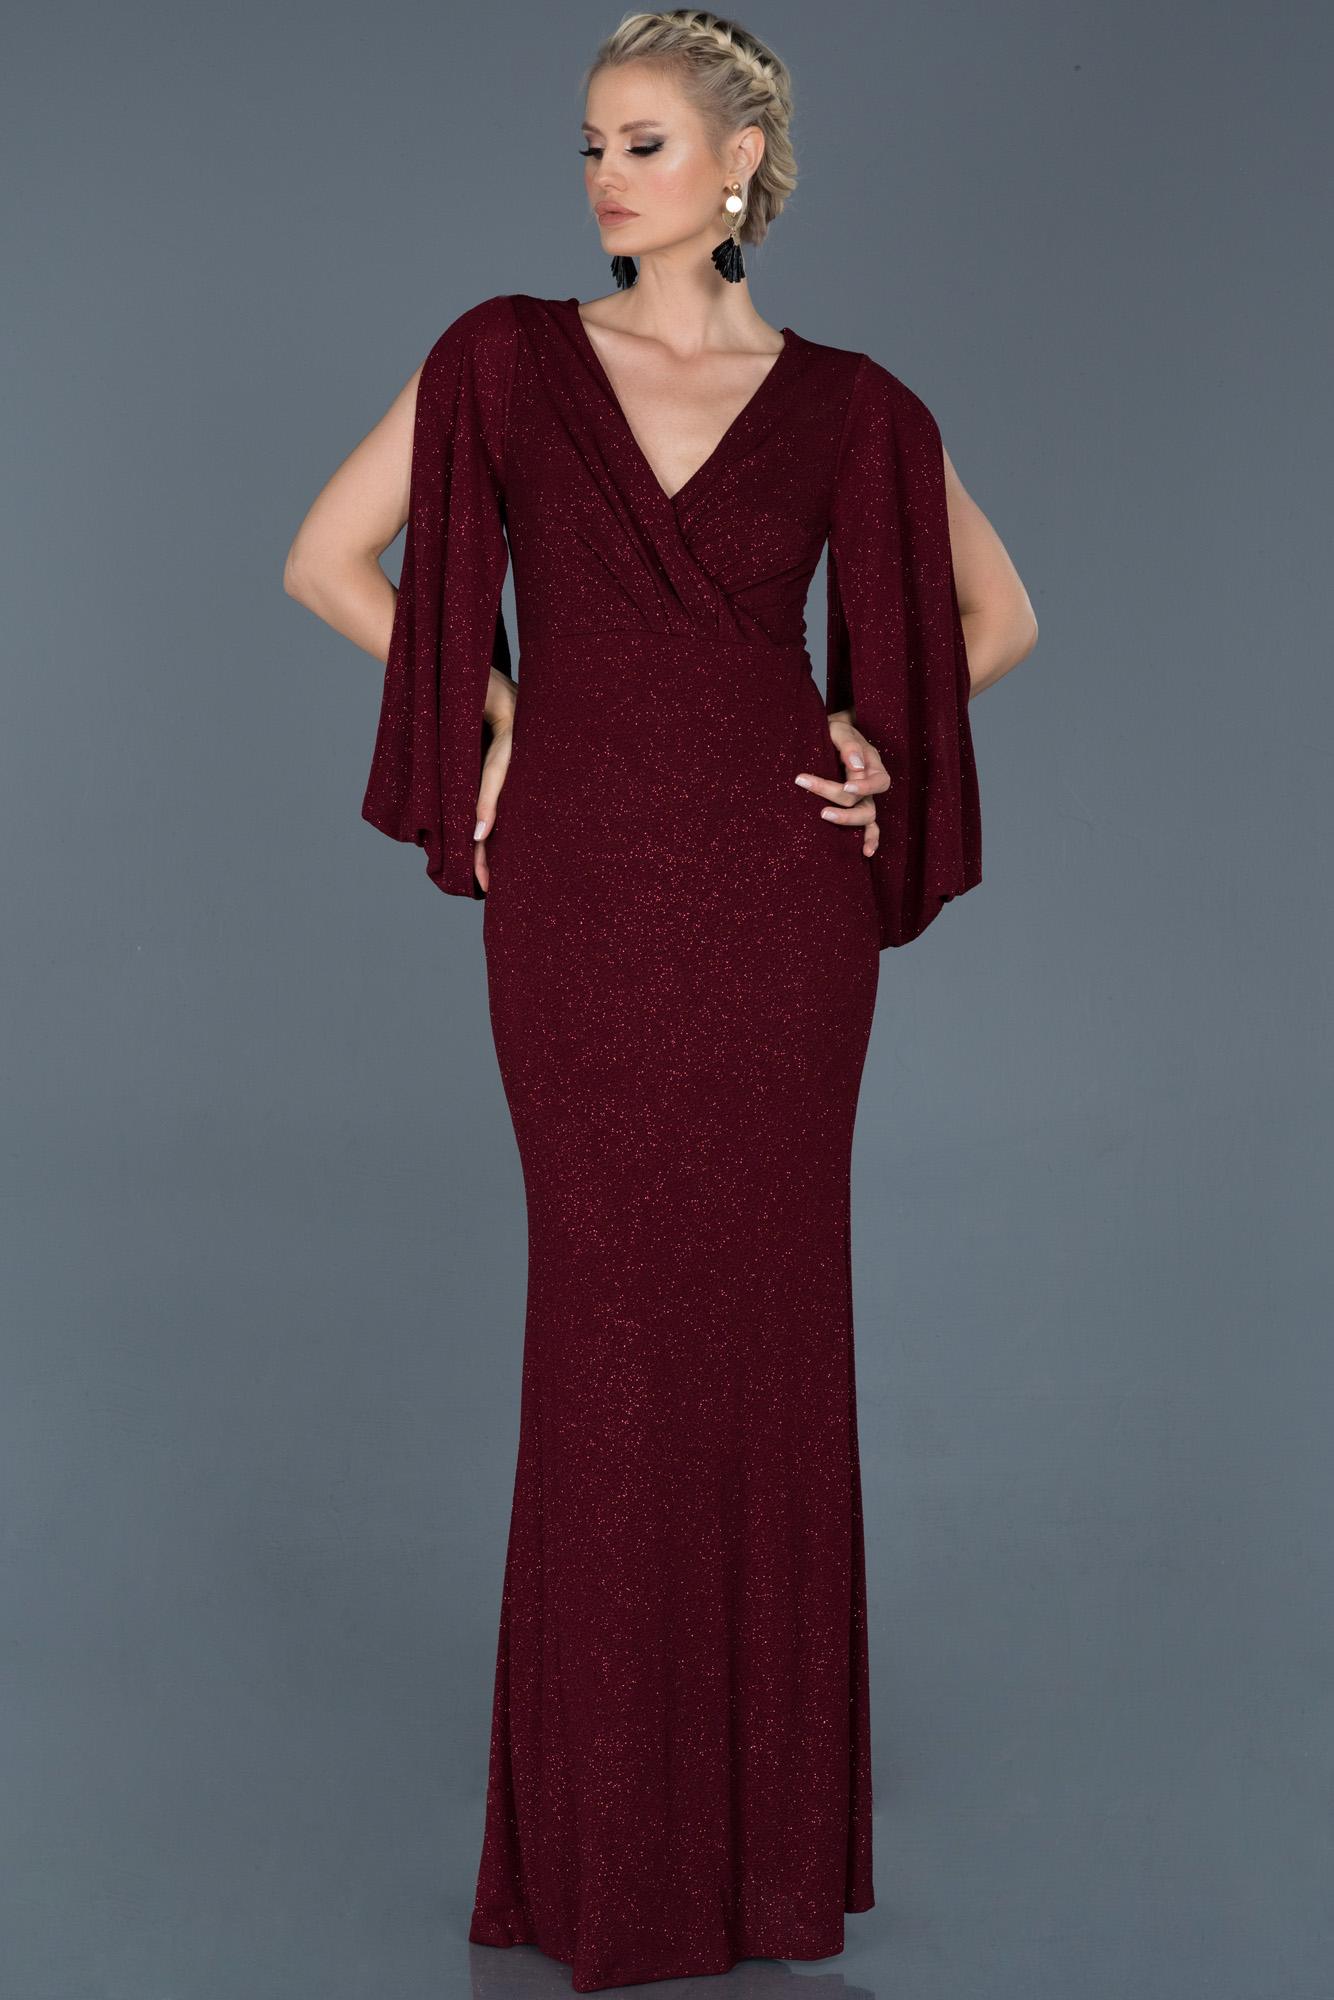 Bordo Uzun Kruvaze Yaka Simli Nişan Elbisesi